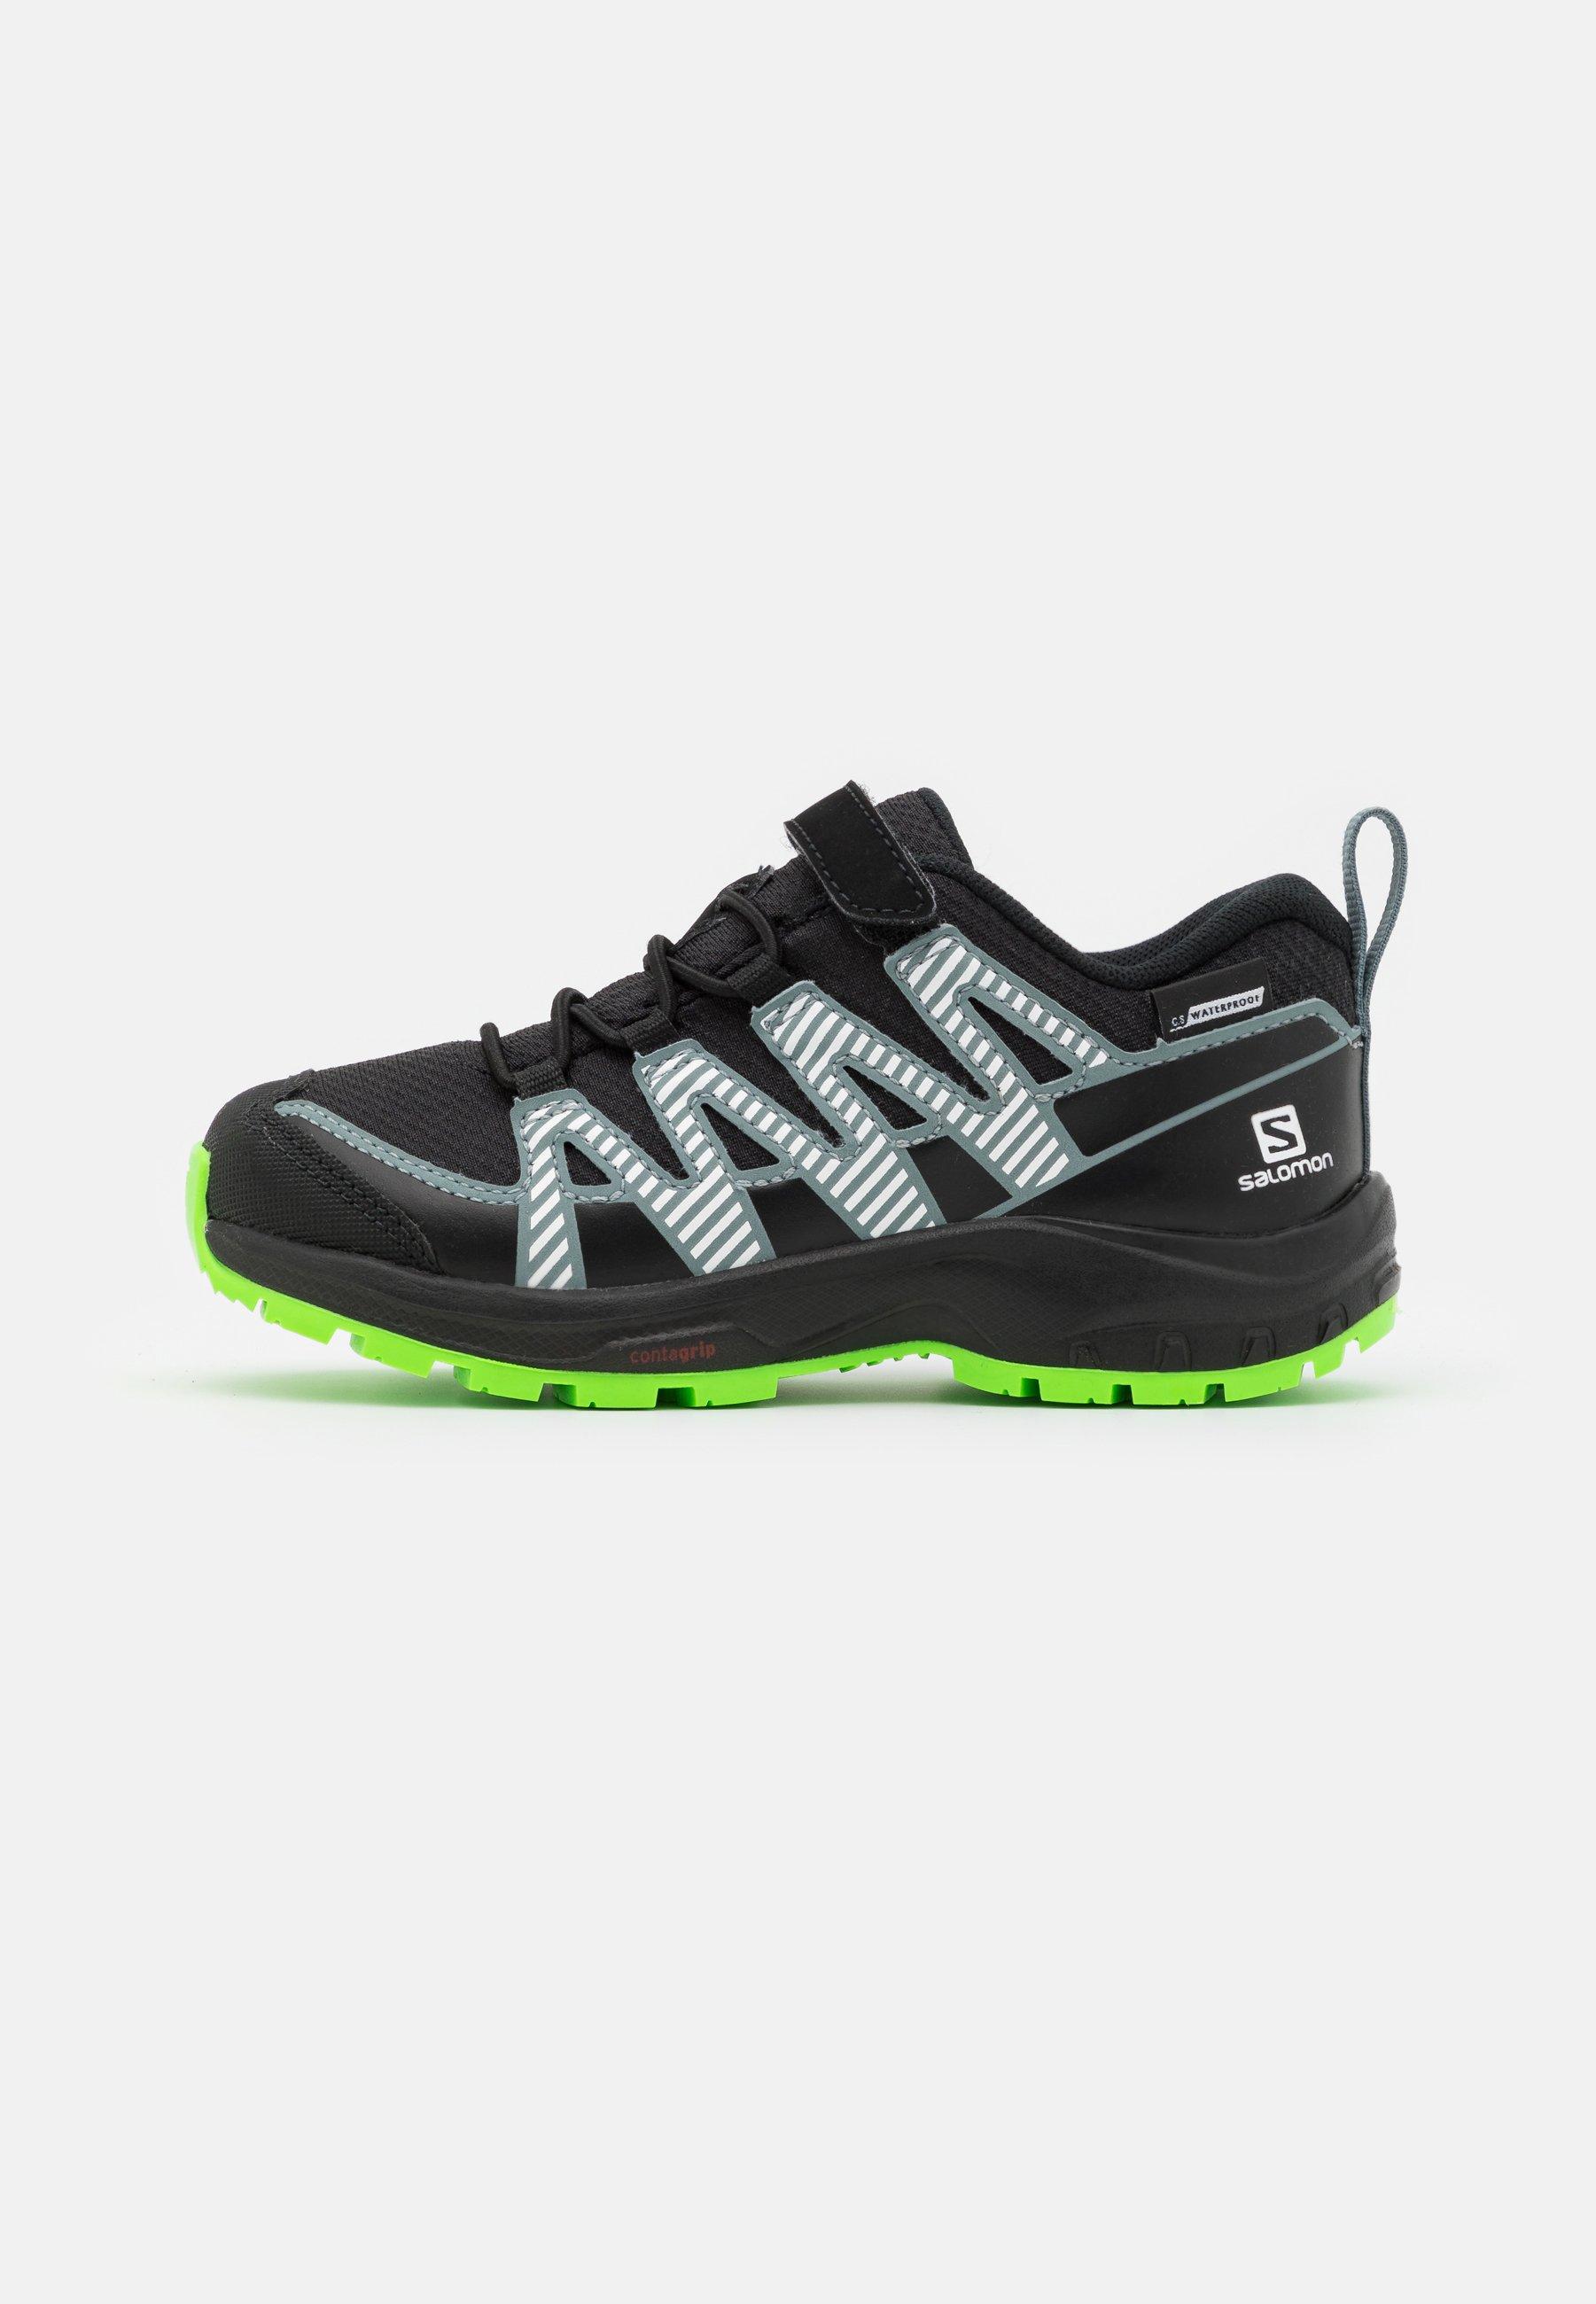 Enfant XA PRO V8 CSWP UNISEX - Chaussures de marche